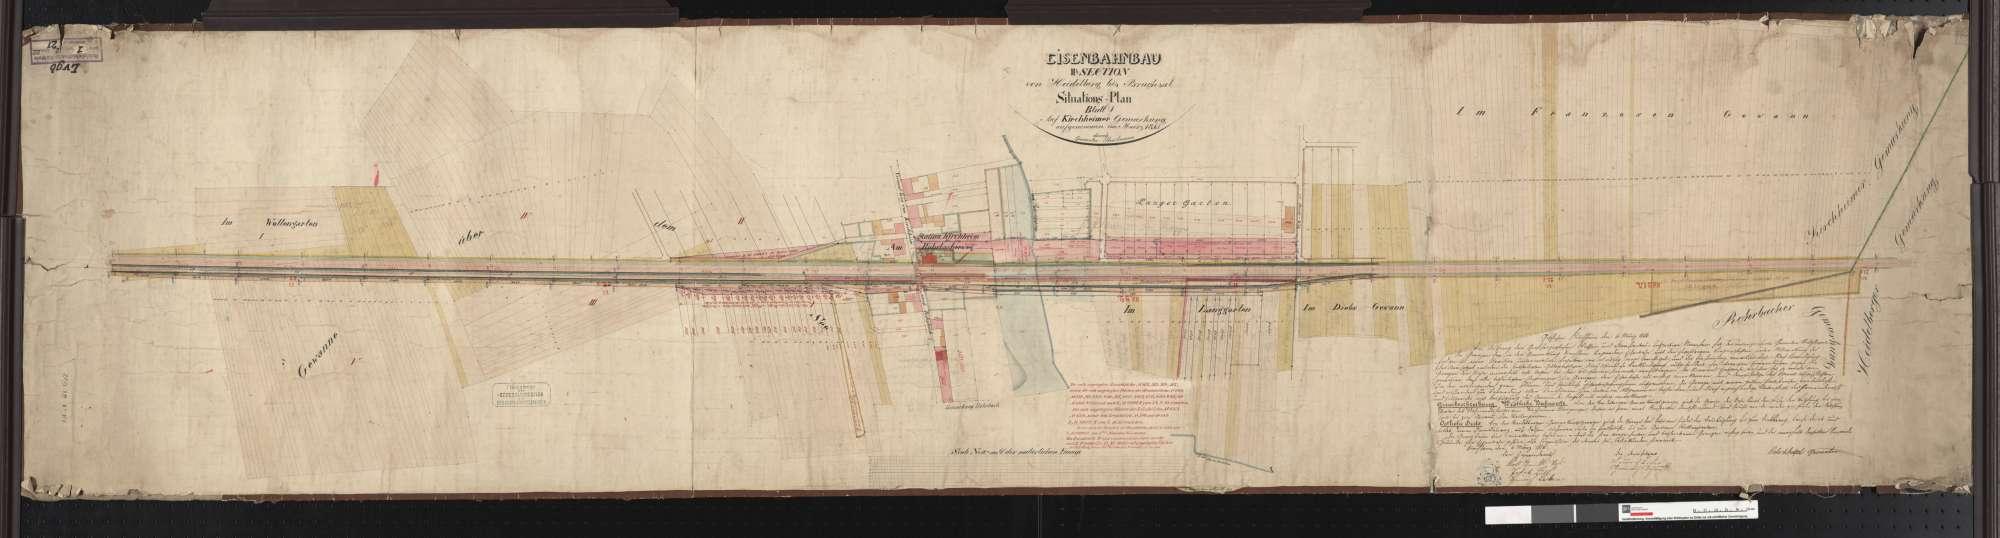 Situationsplan der Bahn von Heidelberg bis Bruchsal: Gemarkung Kirchheim Streckenausschnitt: 21,3 bis 22,9 km, Bild 1